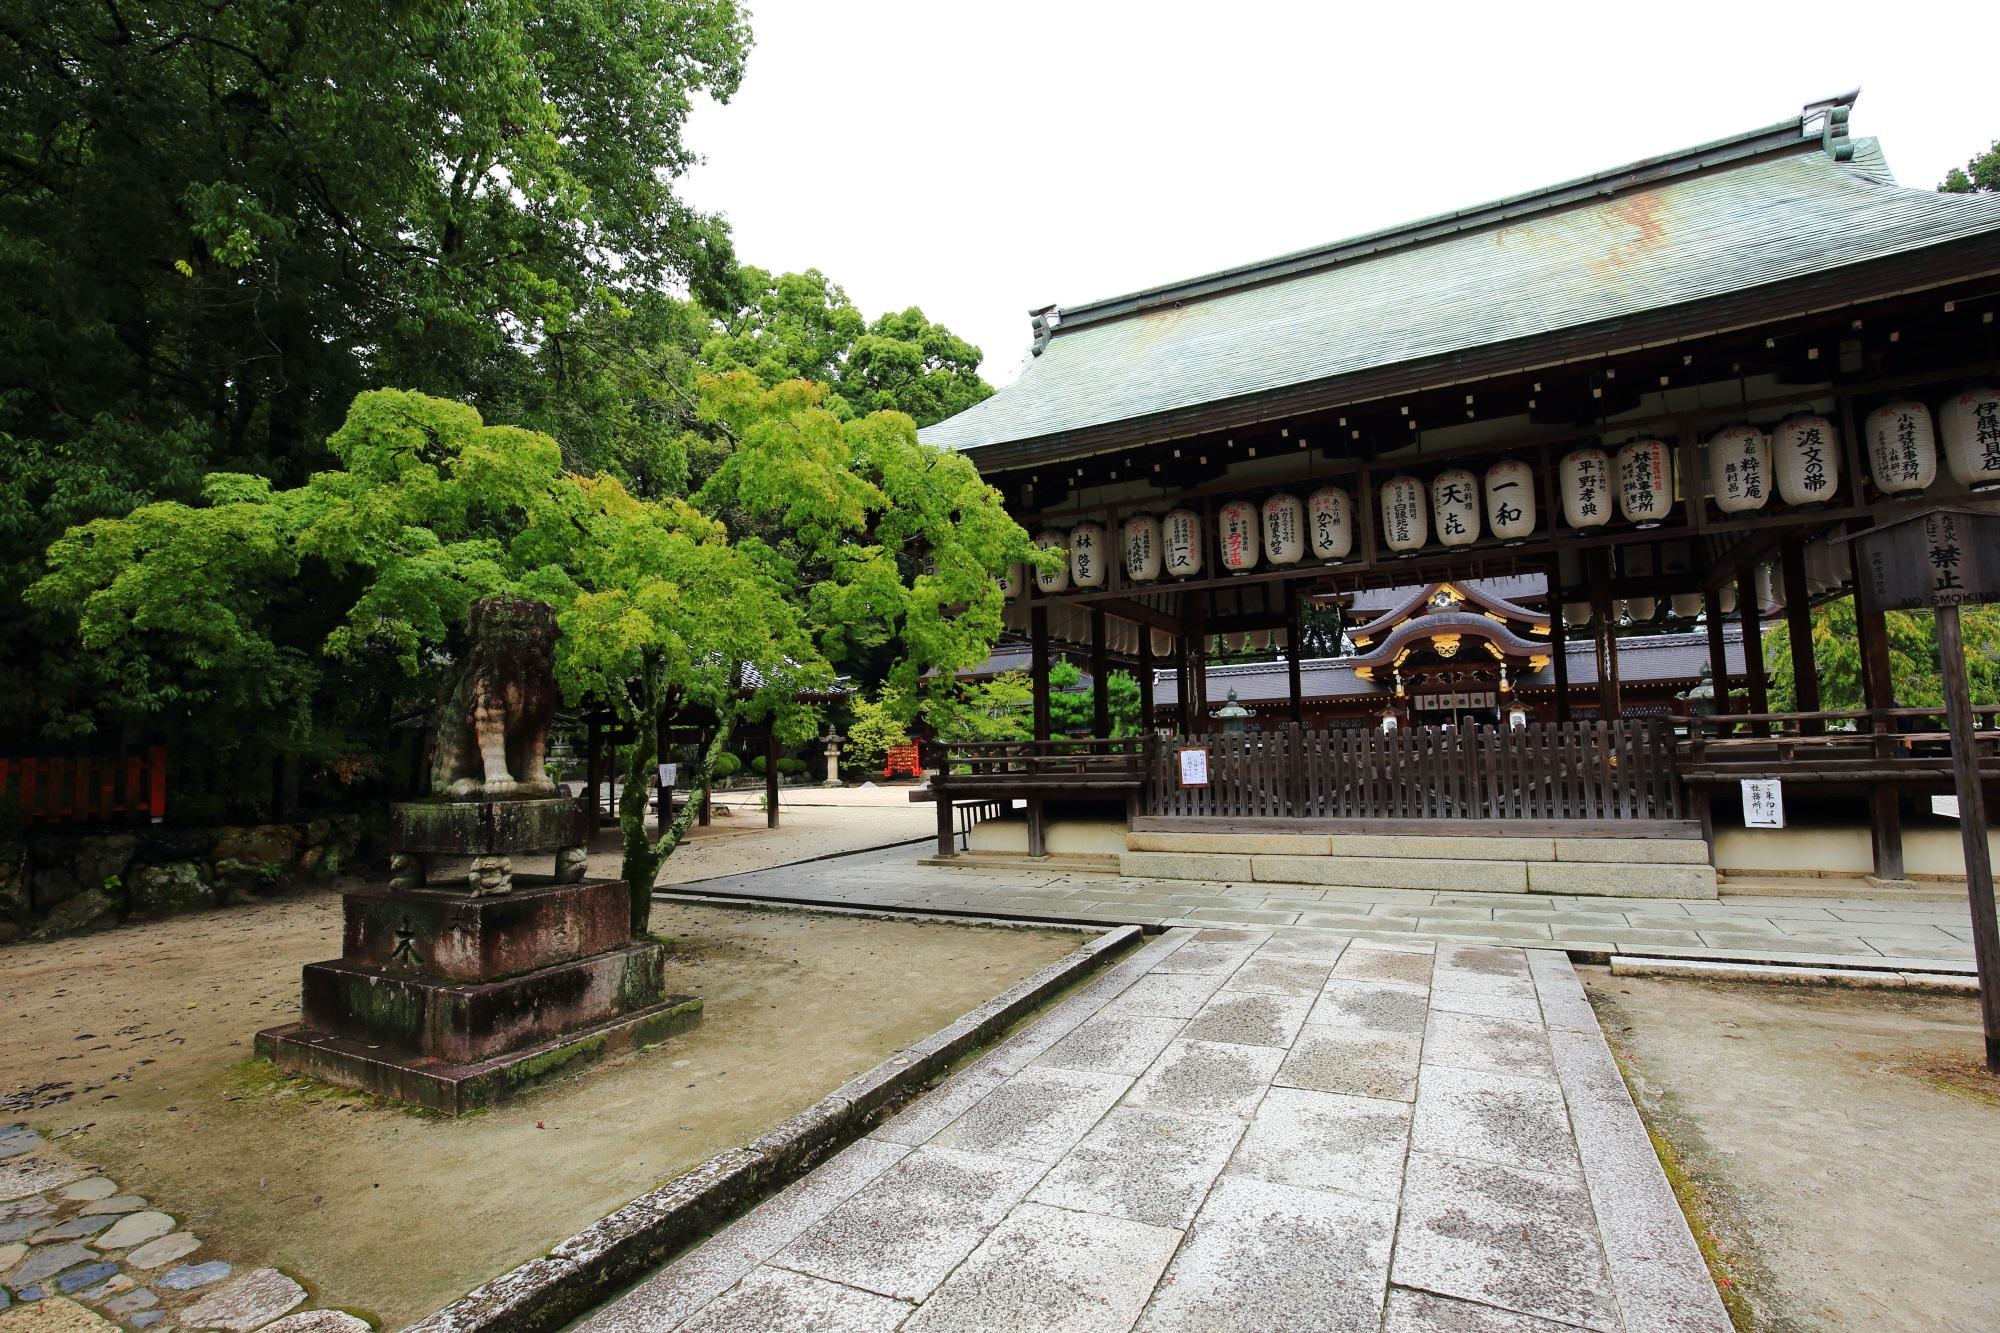 狛犬や綺麗な緑に囲まれた雄大な拝殿